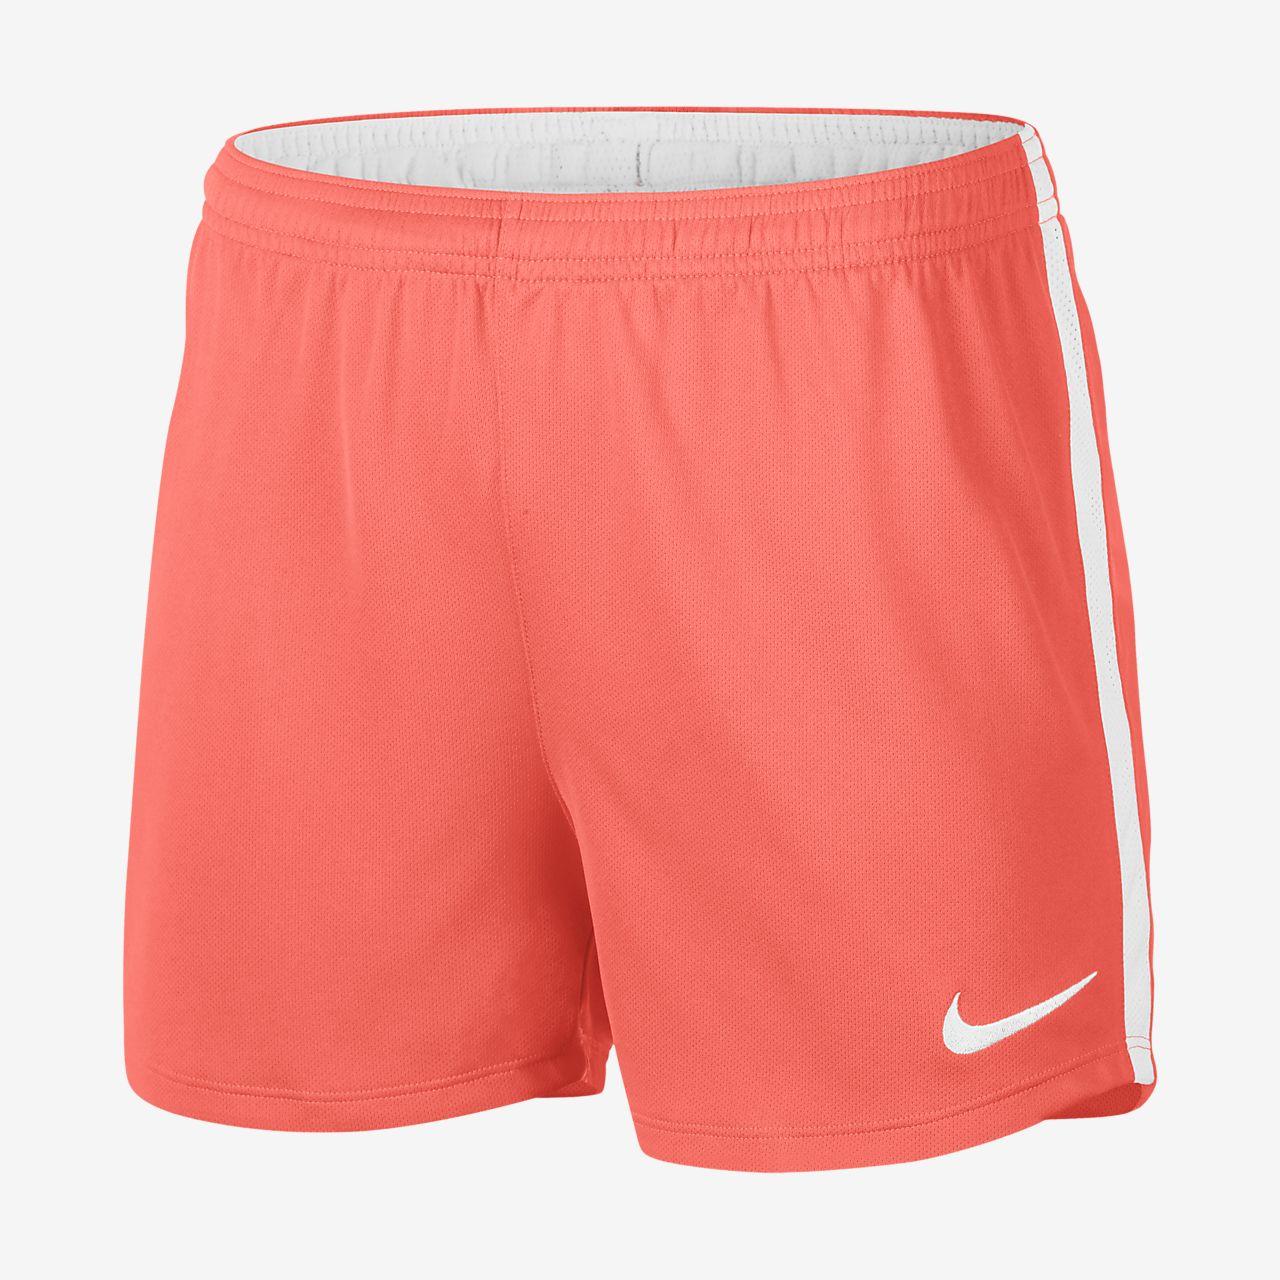 commande Nike Maille Champ Femmes Short 5 Pouces Maison Funéraire livraison gratuite Commerce à vendre W1I2J